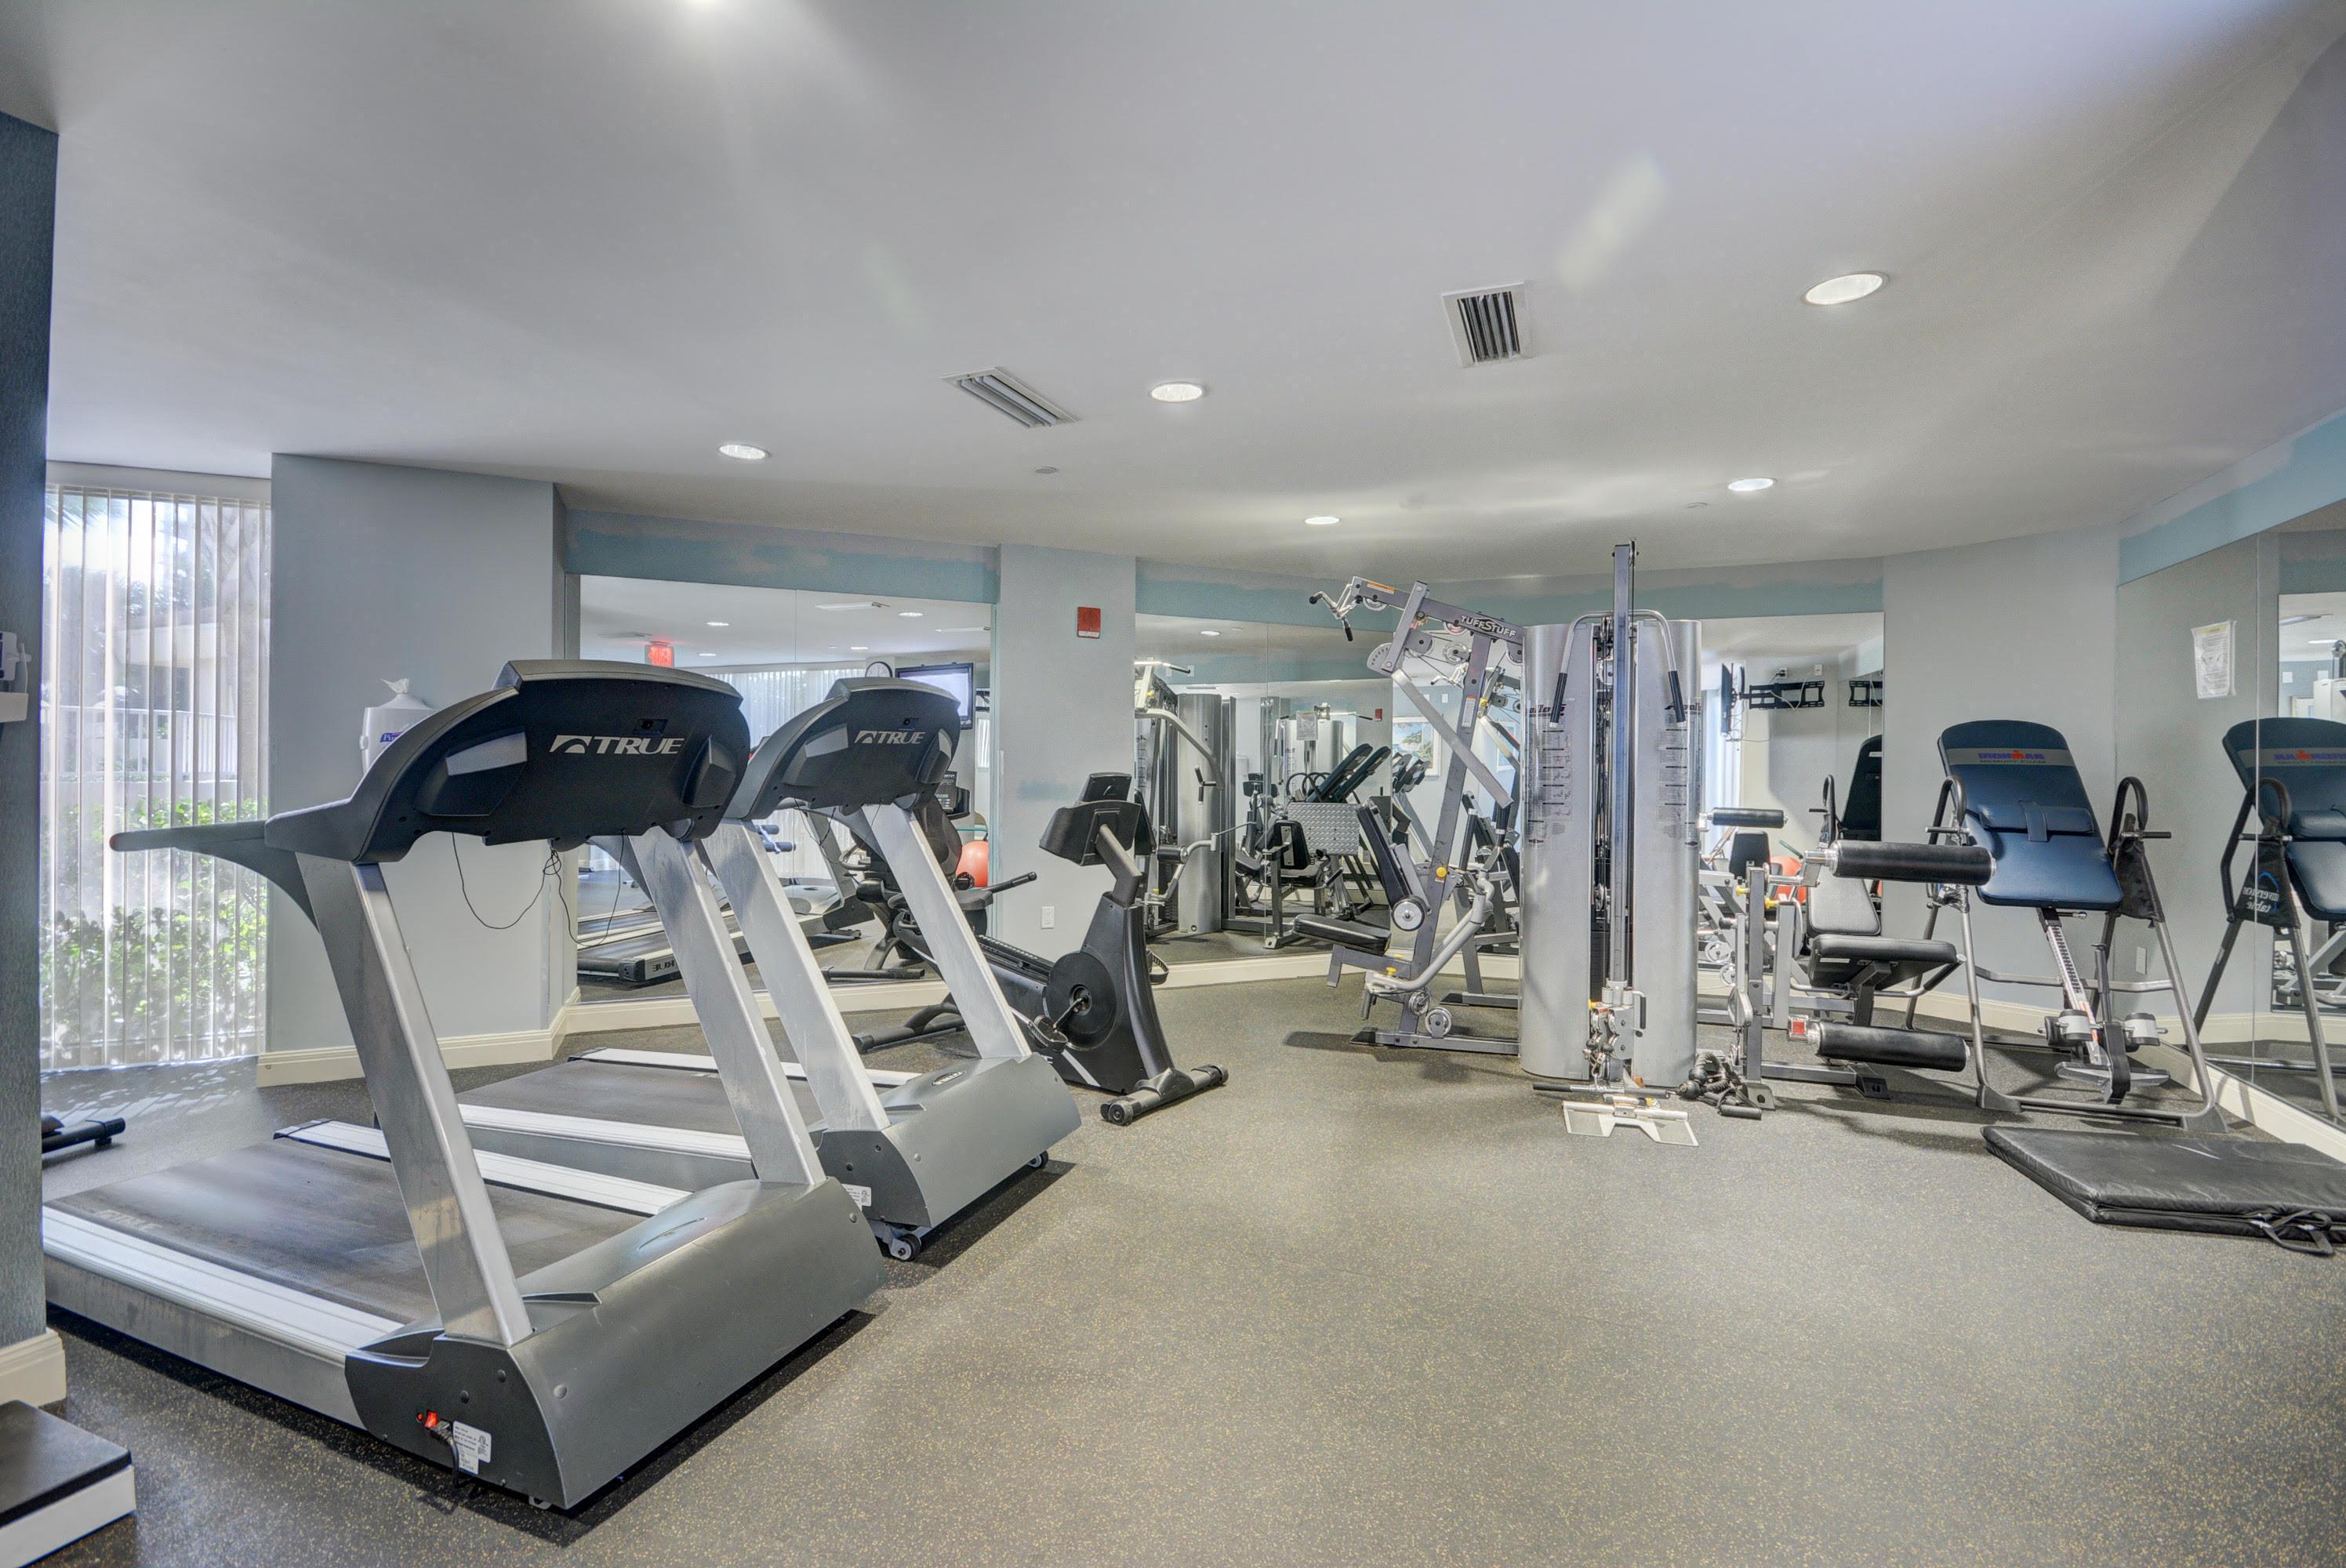 6 Fitness Center